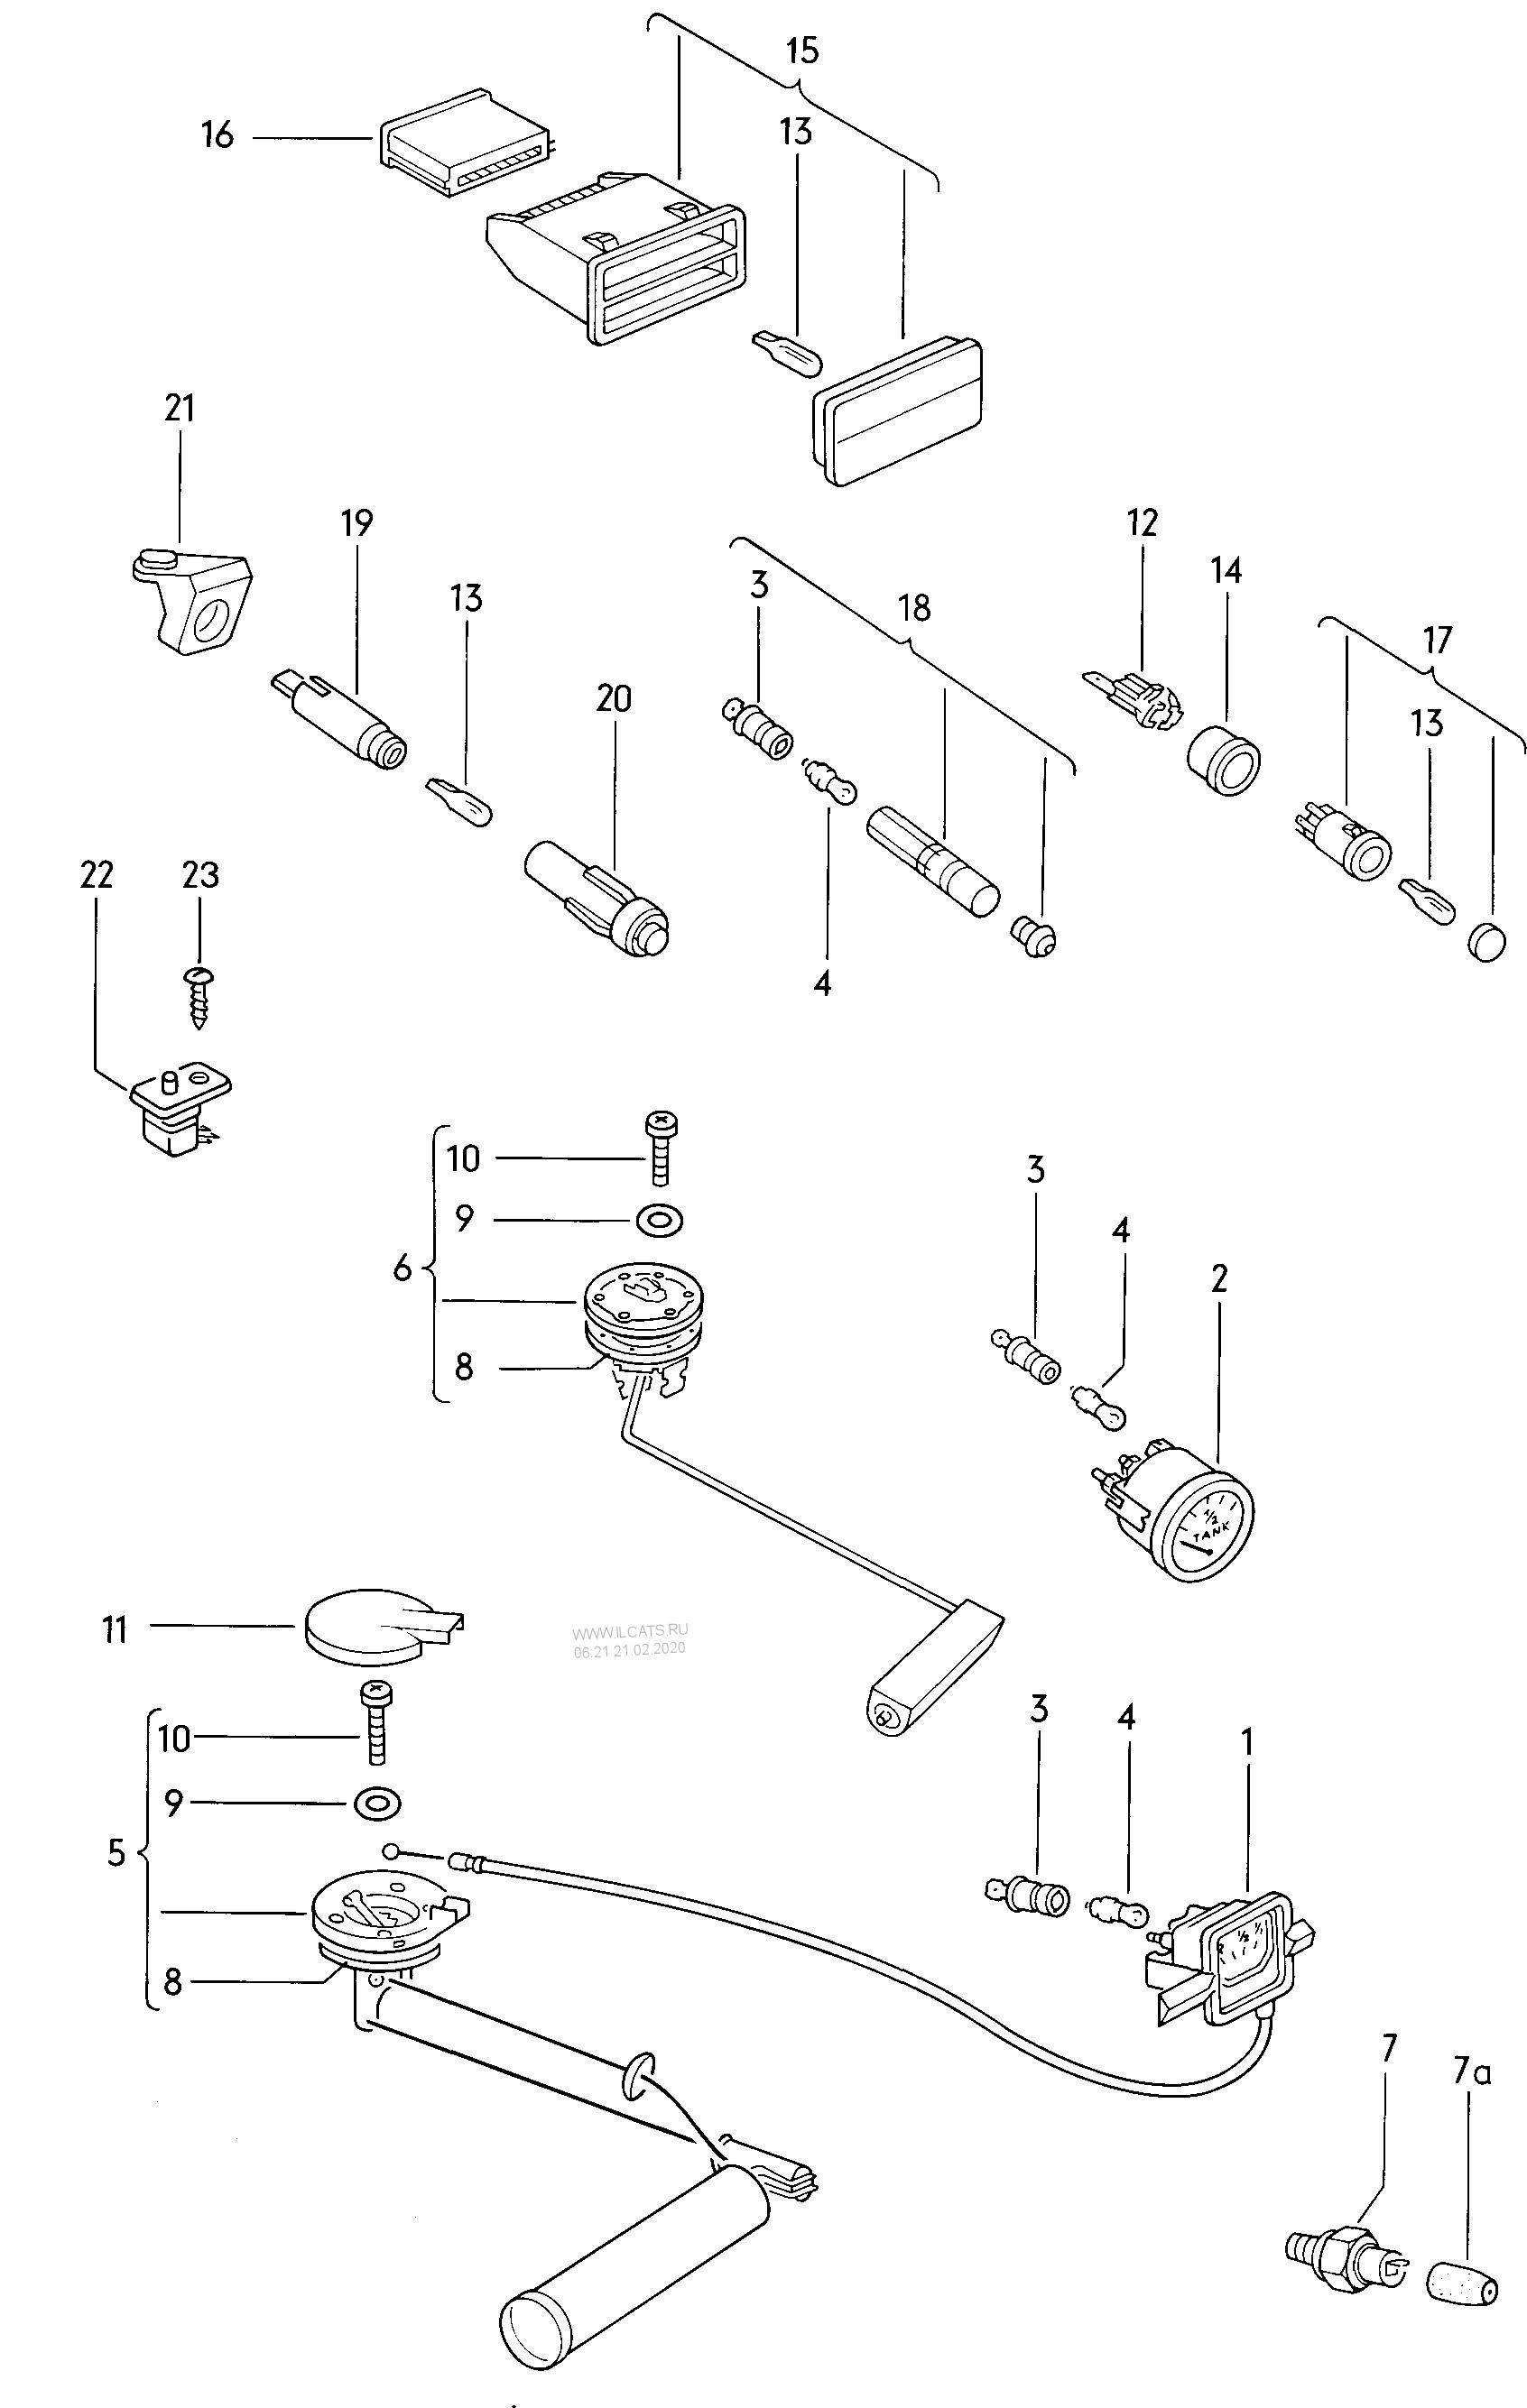 Vdo Oil Tem Wiring Diagram Ob 2945] Oil Pressure Sender Switch Schematic Wiring Diagram Of Vdo Oil Tem Wiring Diagram